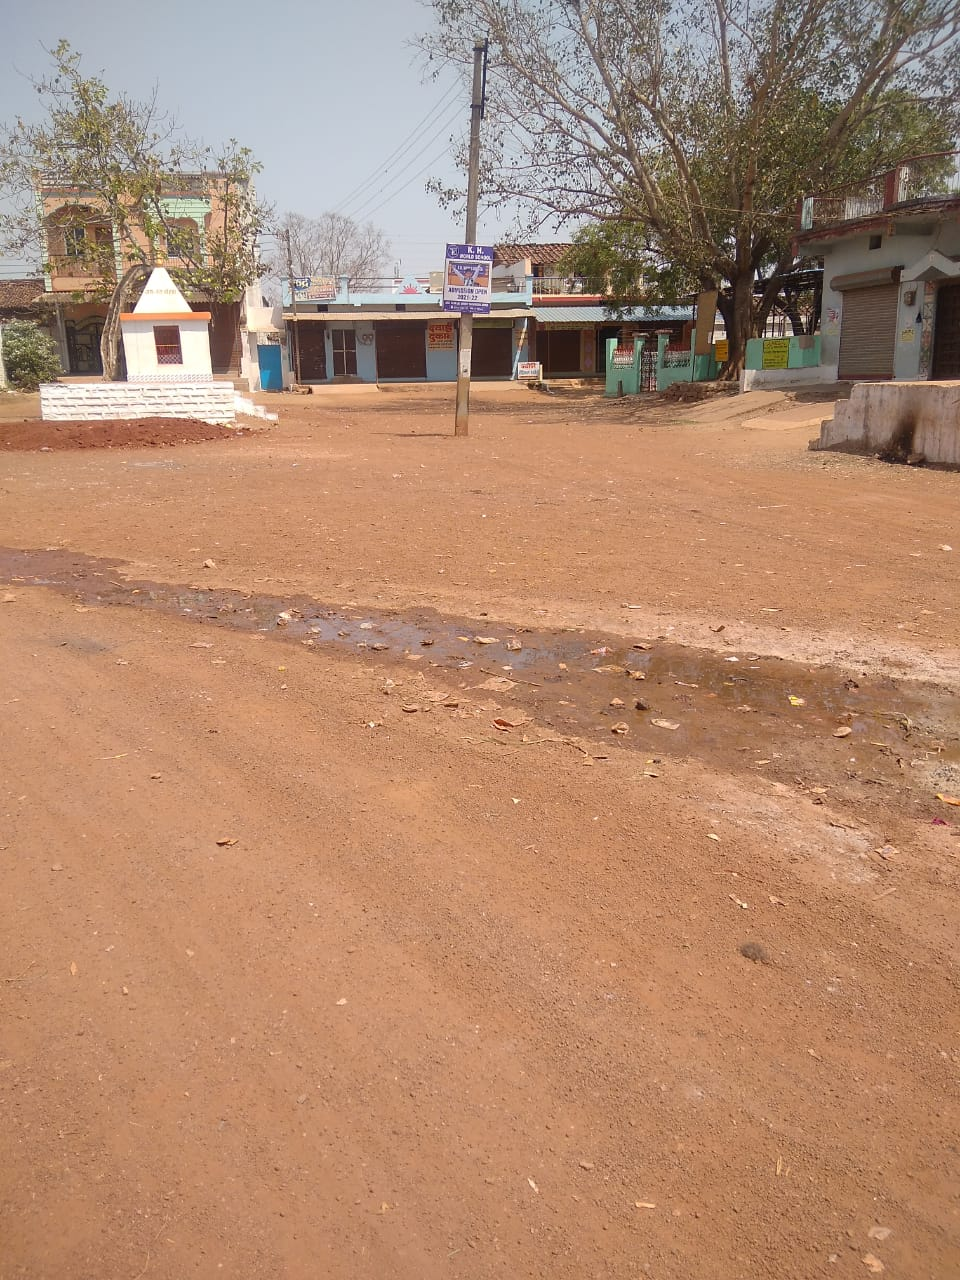 लगभग 3500 आबादी वाले इस गांव में सन्नाटा पसरा है।